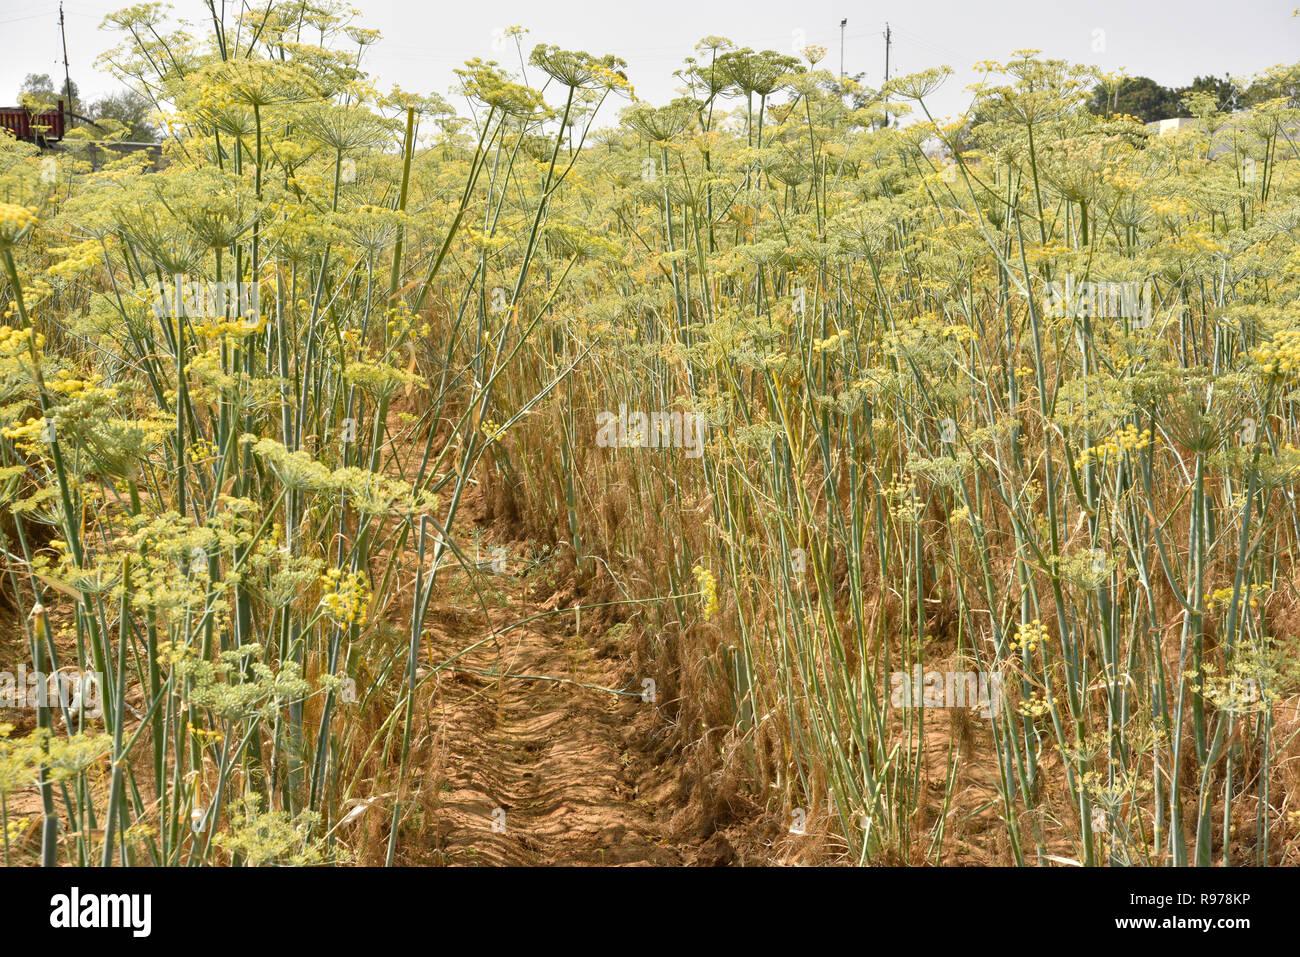 Gut organisierte Pimpinella Anisum anis Plantage in Gujarat Indien kultiviert bekannt als Variyali für Vielzahl von Unpäßlichkeiten essen Gewürz Kräuter verwendet. Stockbild